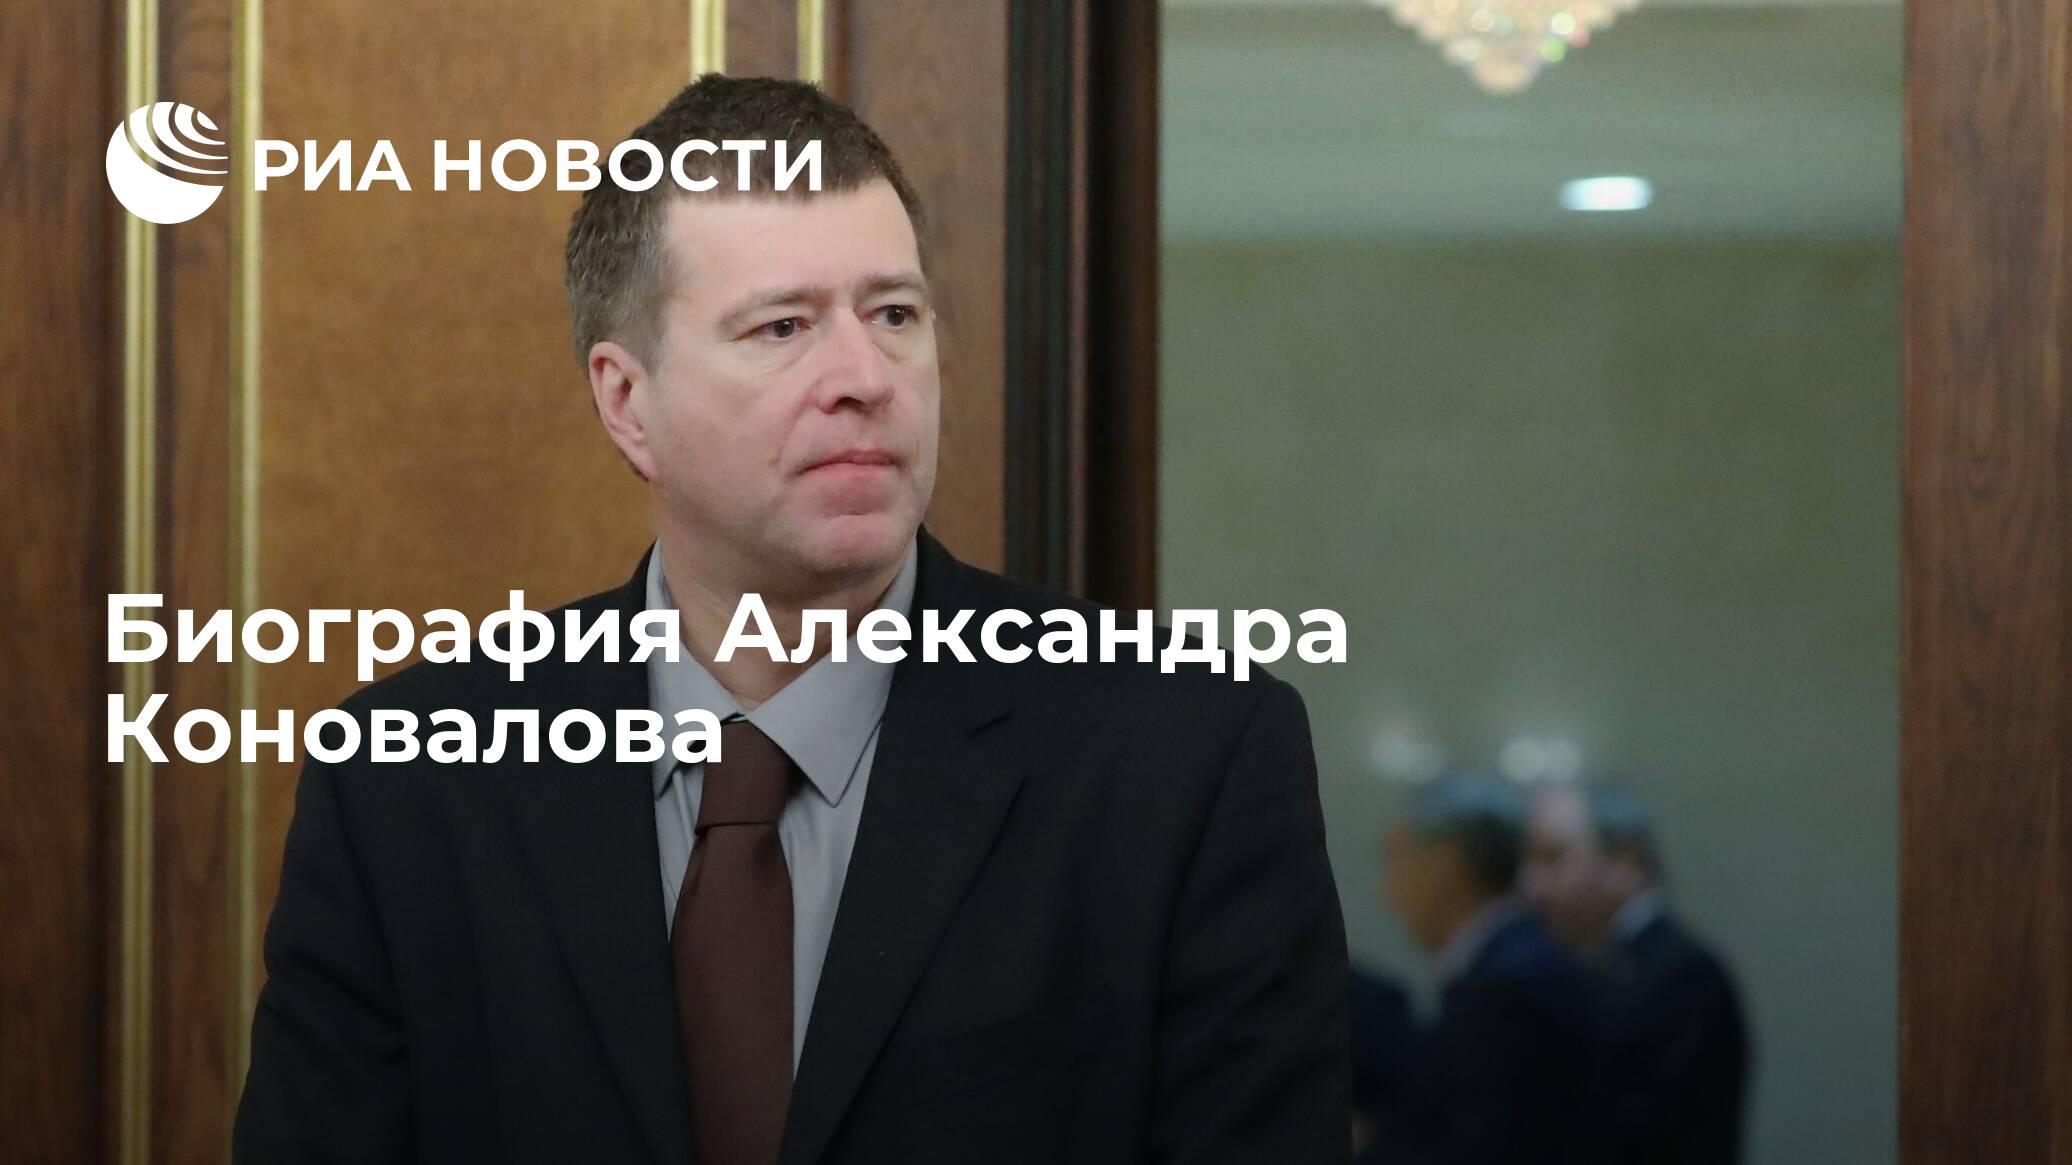 Максим коновалов - биография, информация, личная жизнь, фото